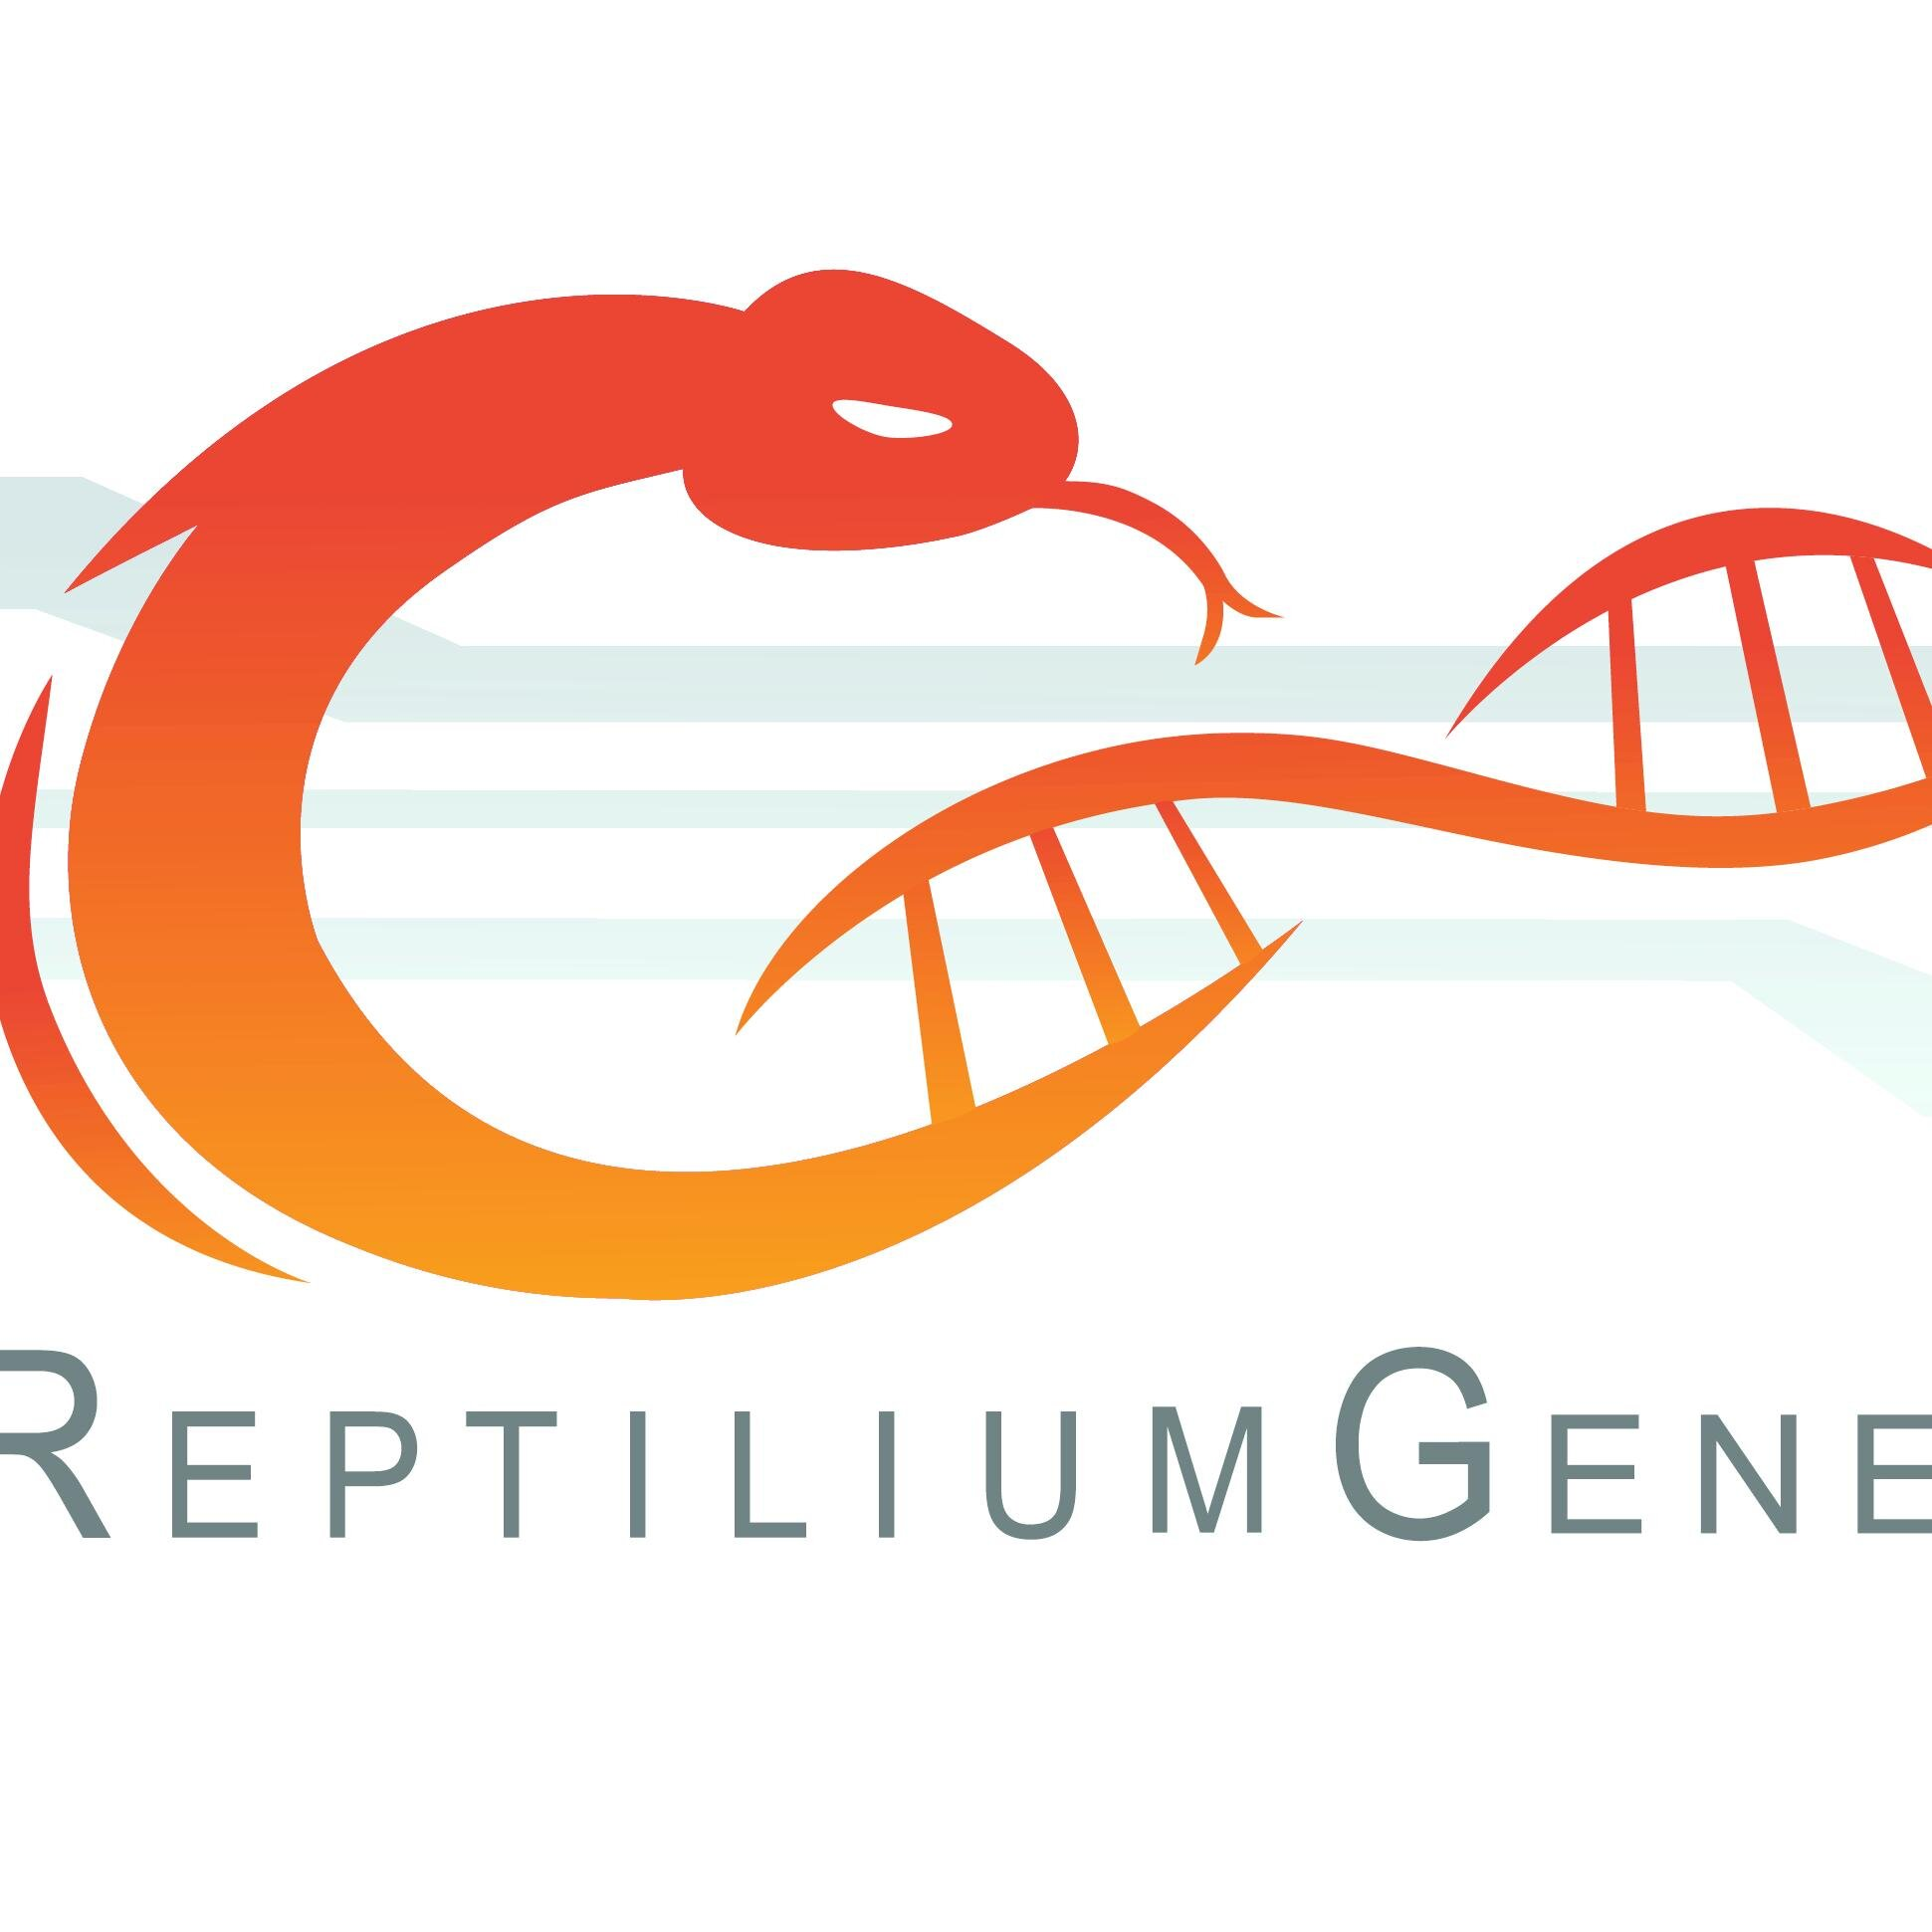 Reptilium Genex (@ReptiliumGenex).